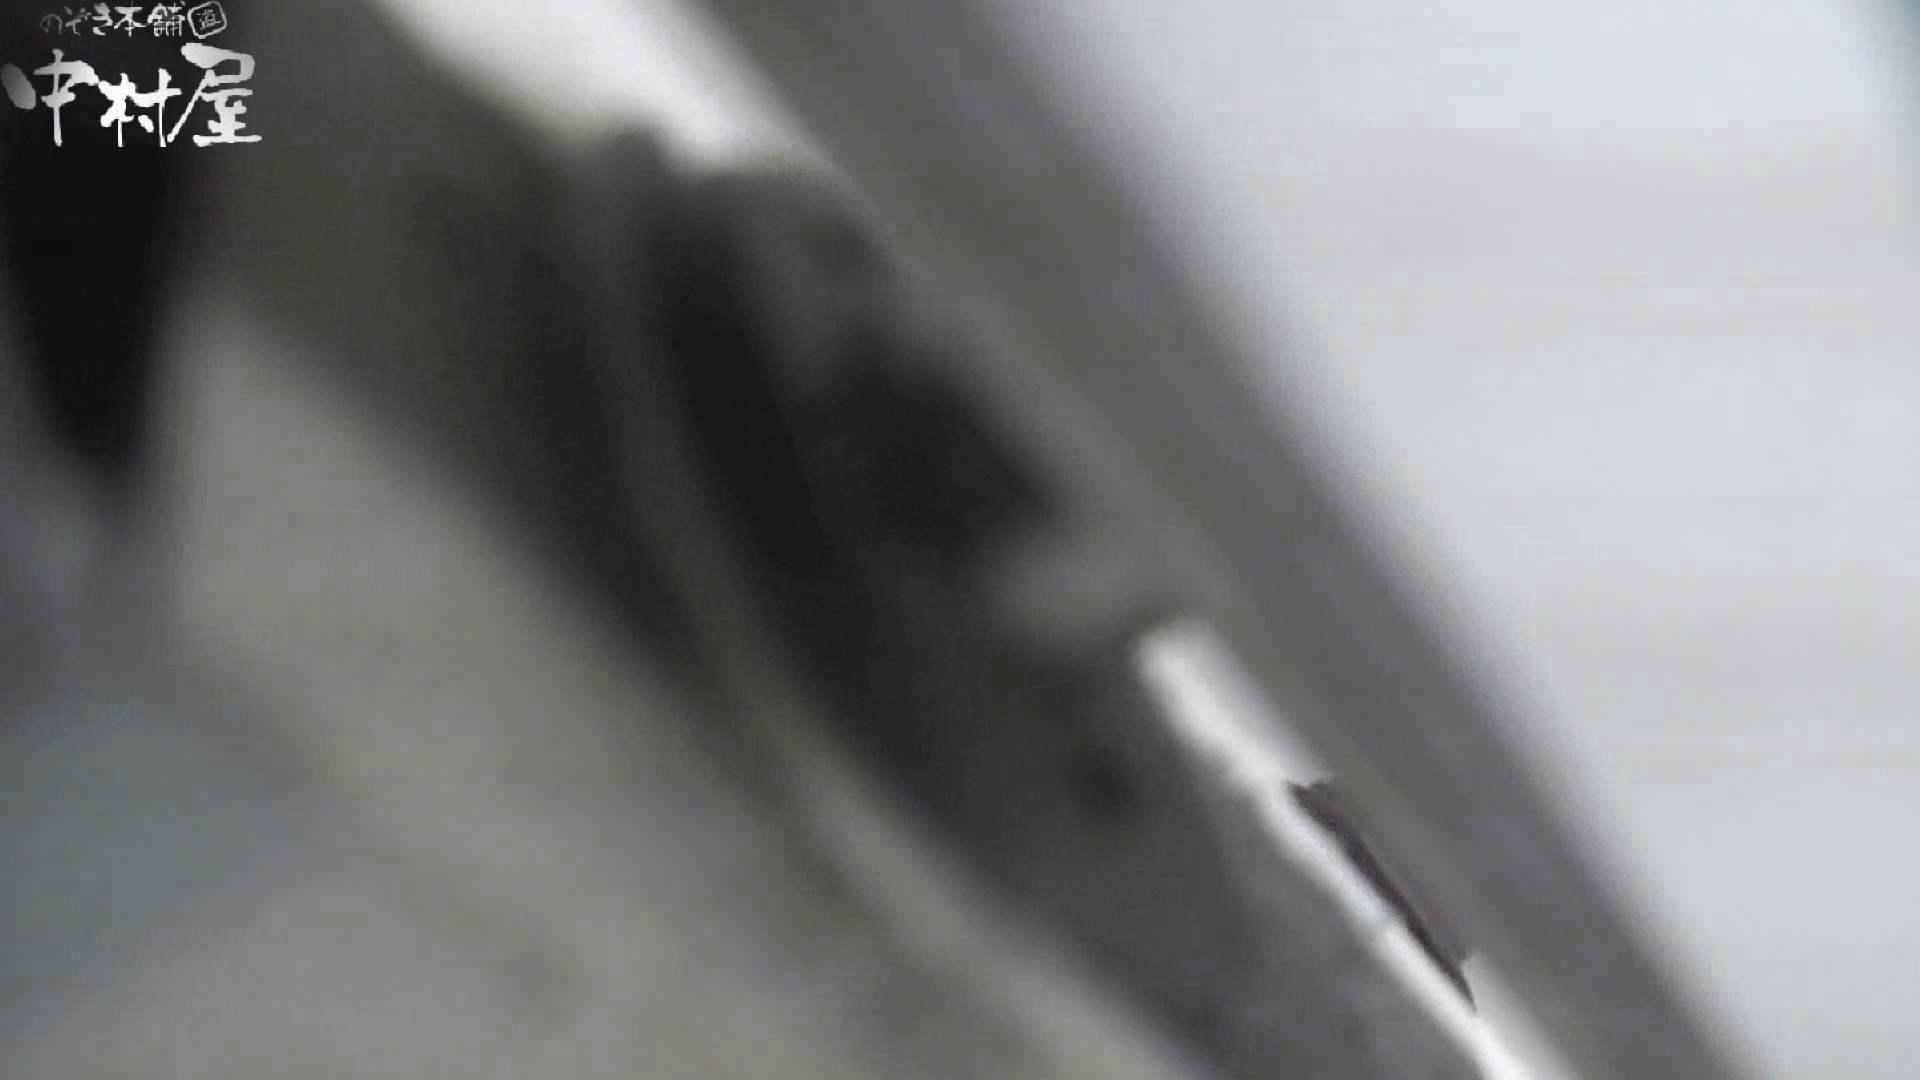 【お銀さんの「洗面所突入レポート!!」】お銀さんの「洗面所突入レポート!!」 vol.29 ∑(゚Д゚)アッ! 洗面所 | HなOL  100pic 80